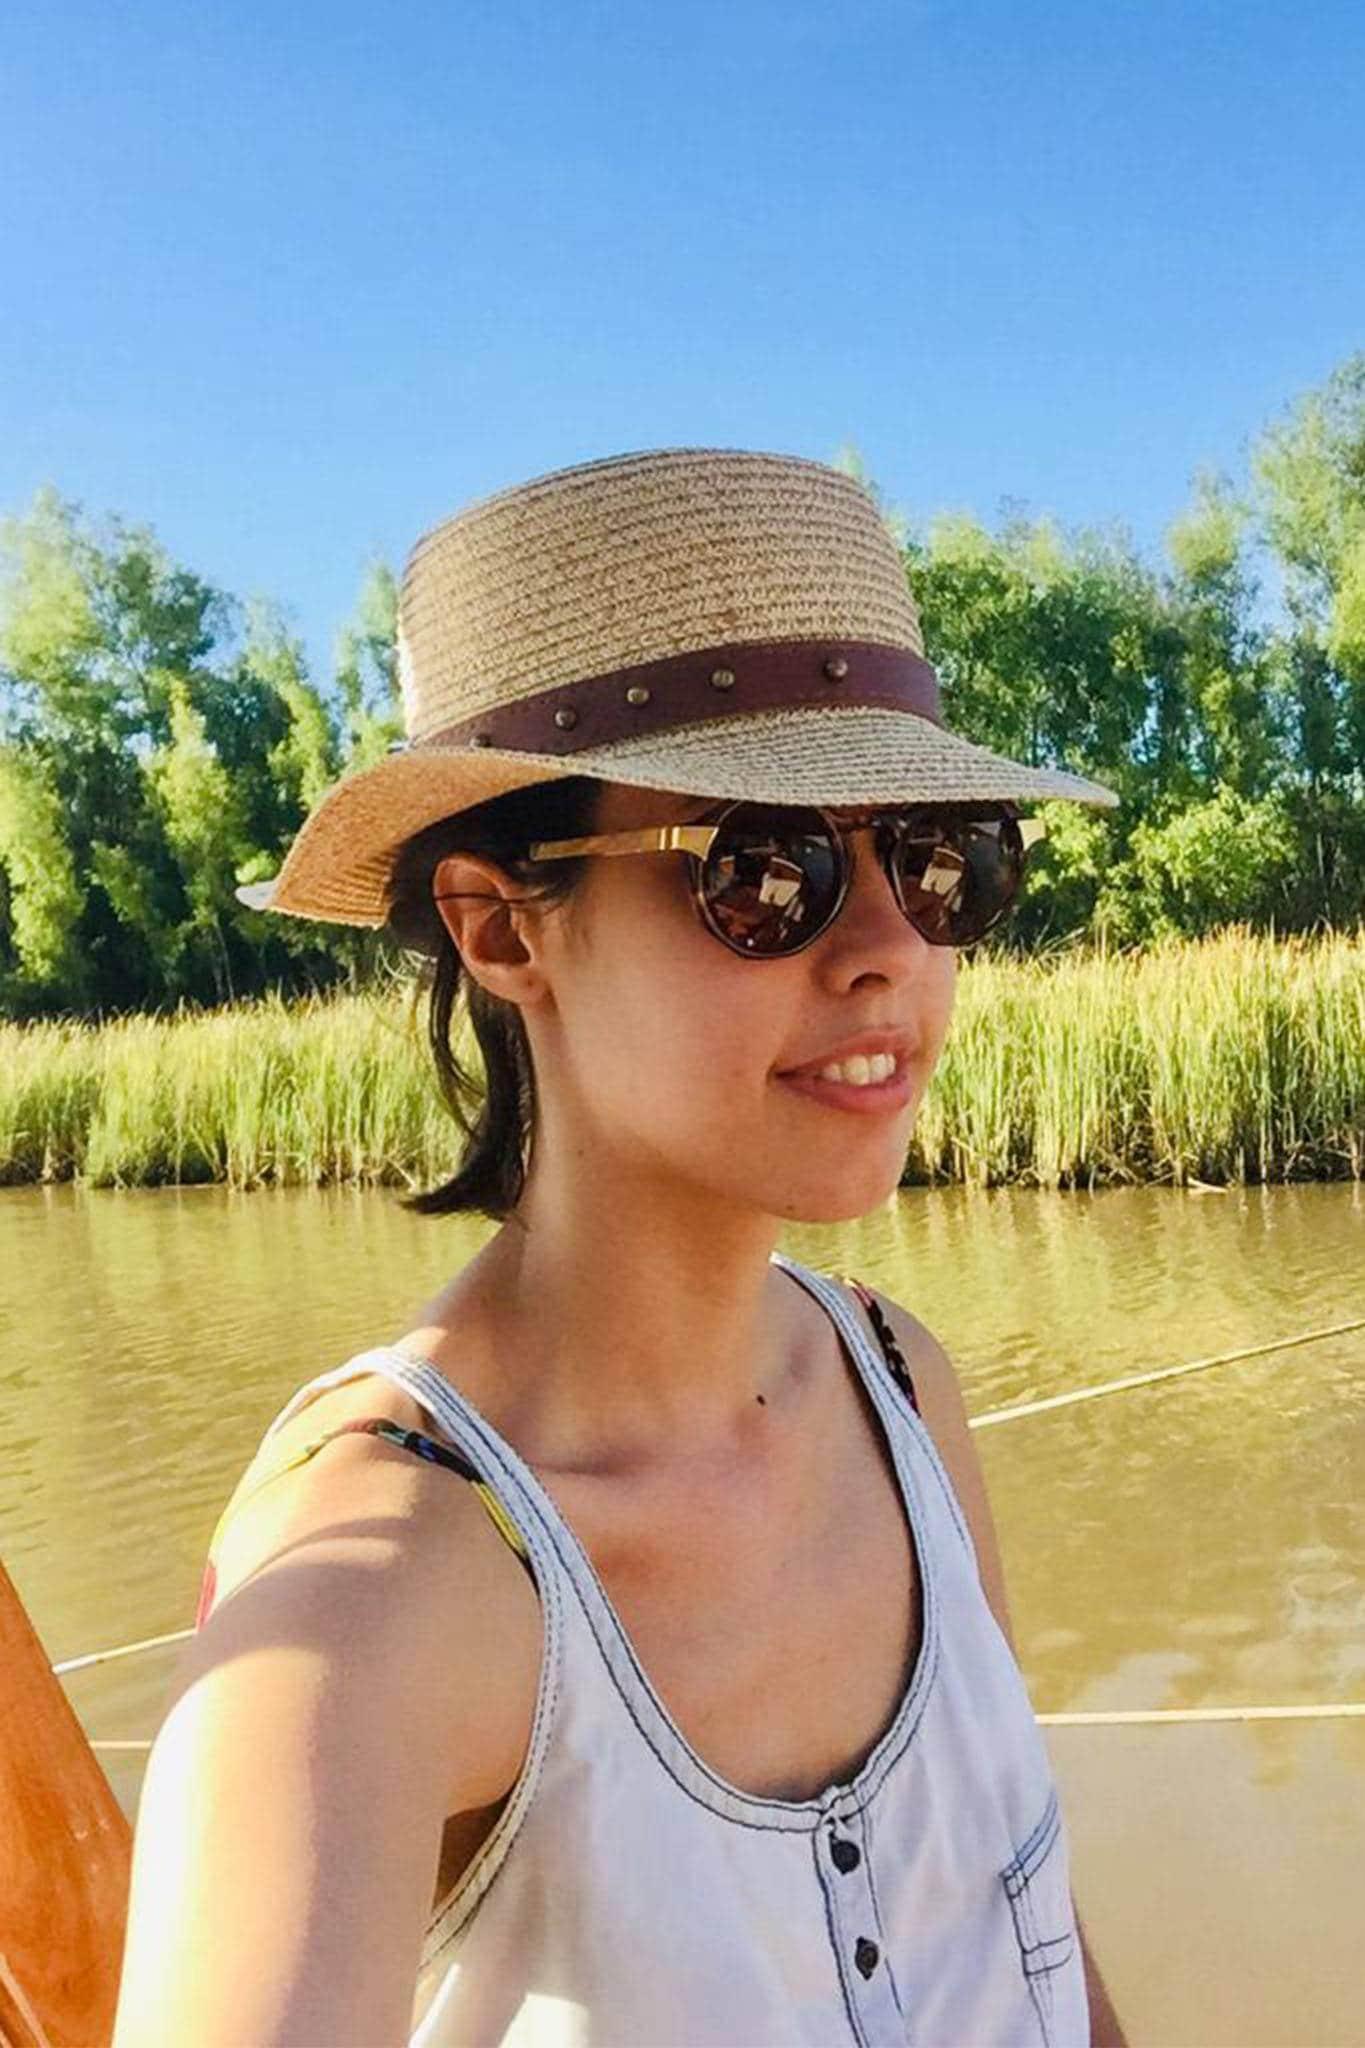 mujer con pelo corto y sombrero